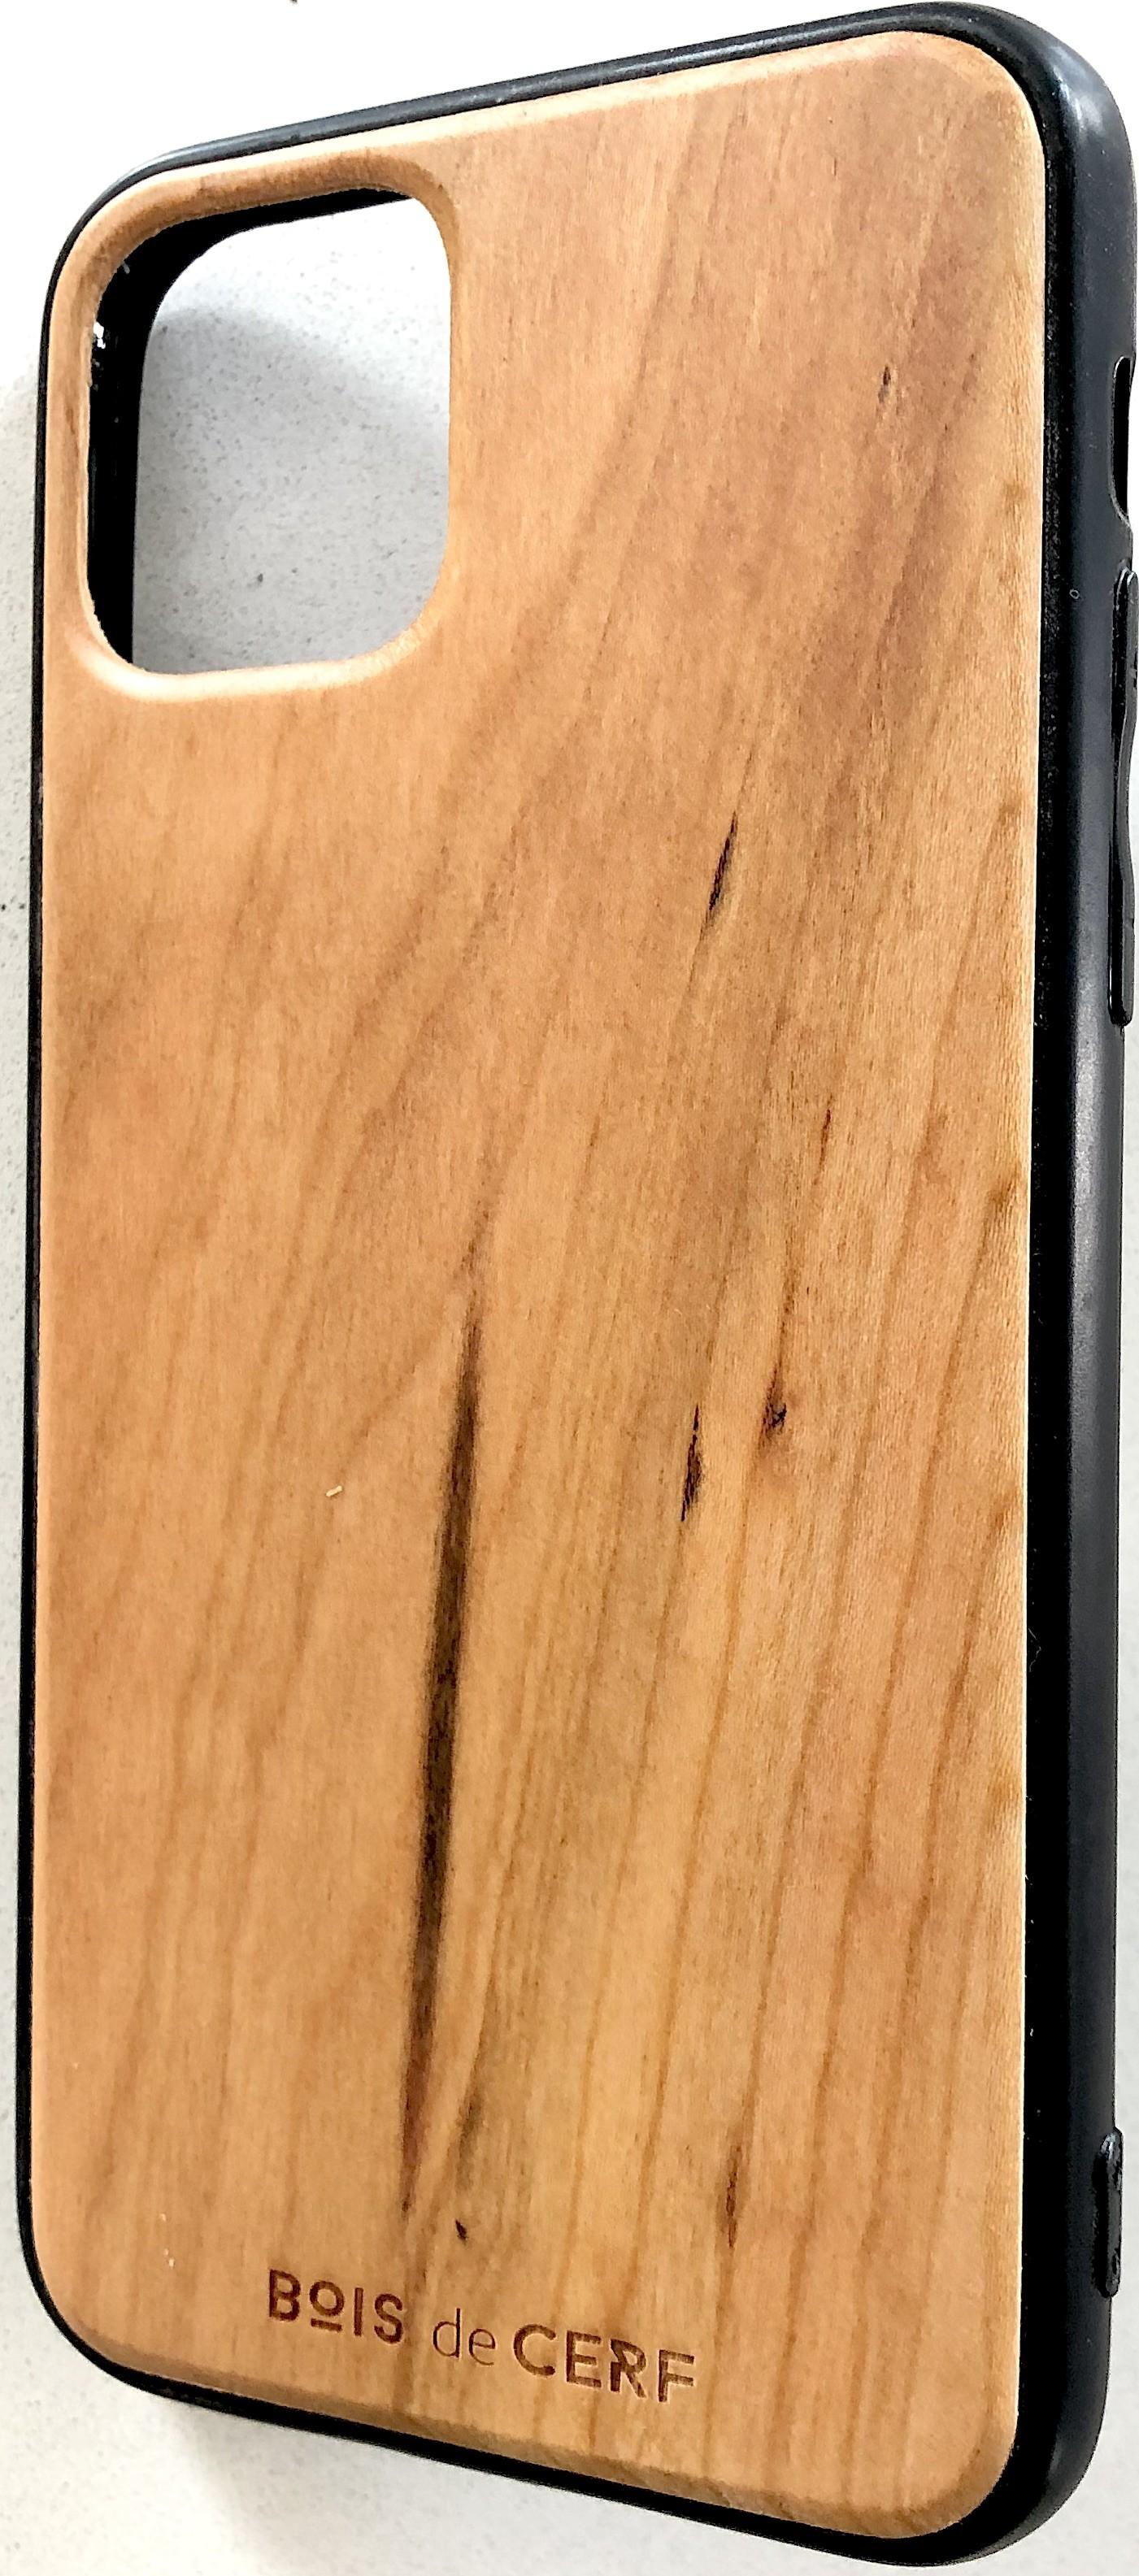 Funda de madera para iPhone 11 y iPhone 11 pro